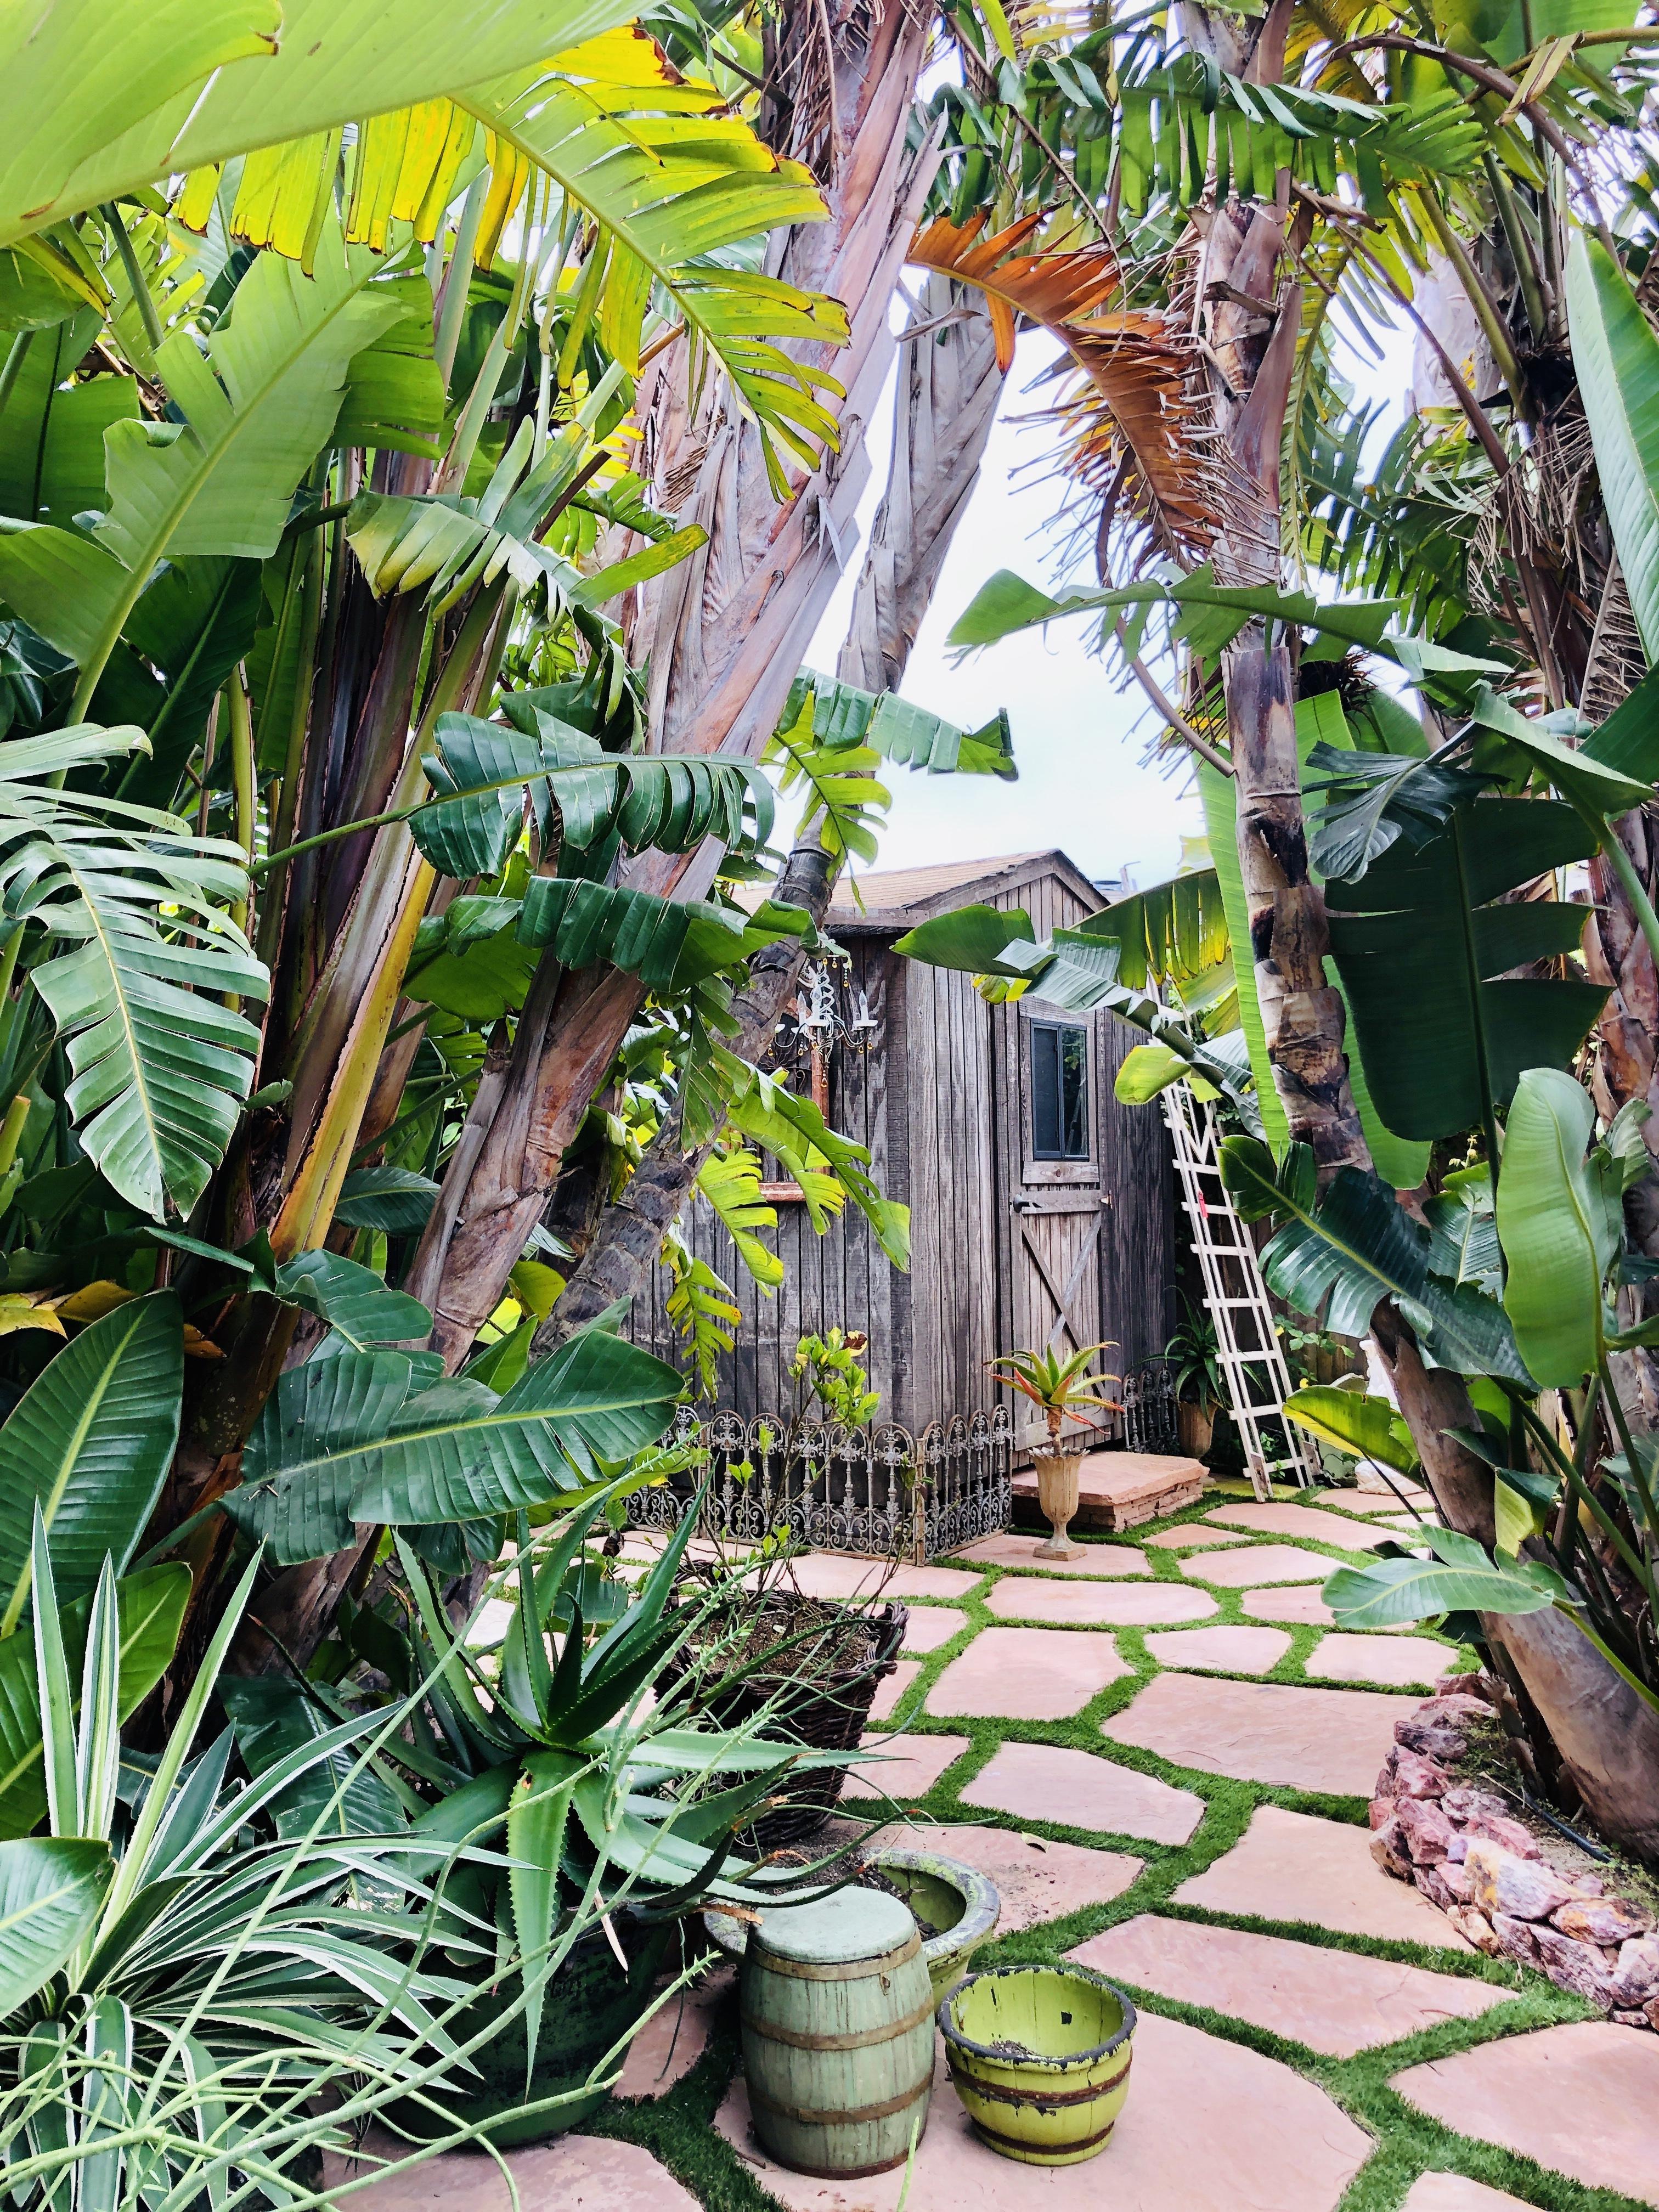 betsey Johnson paradise cove mobile home malibu